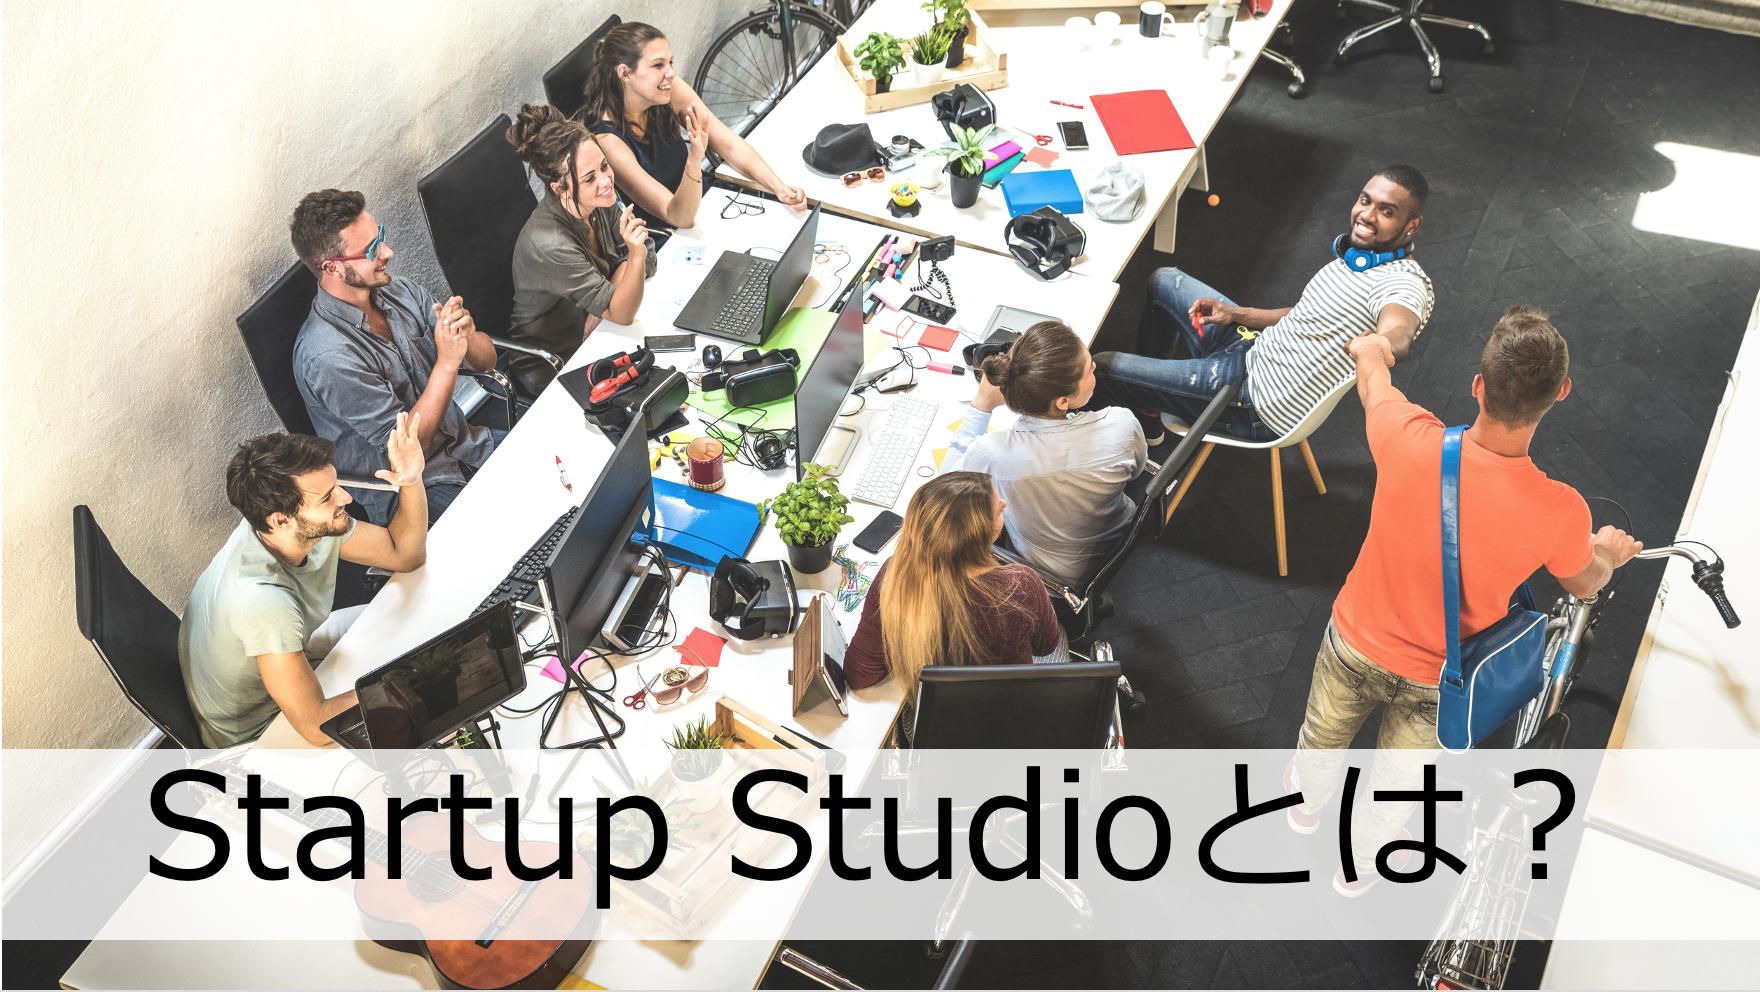 シード期に資金と経営リソースを提供するスタートアップスタジオとは?